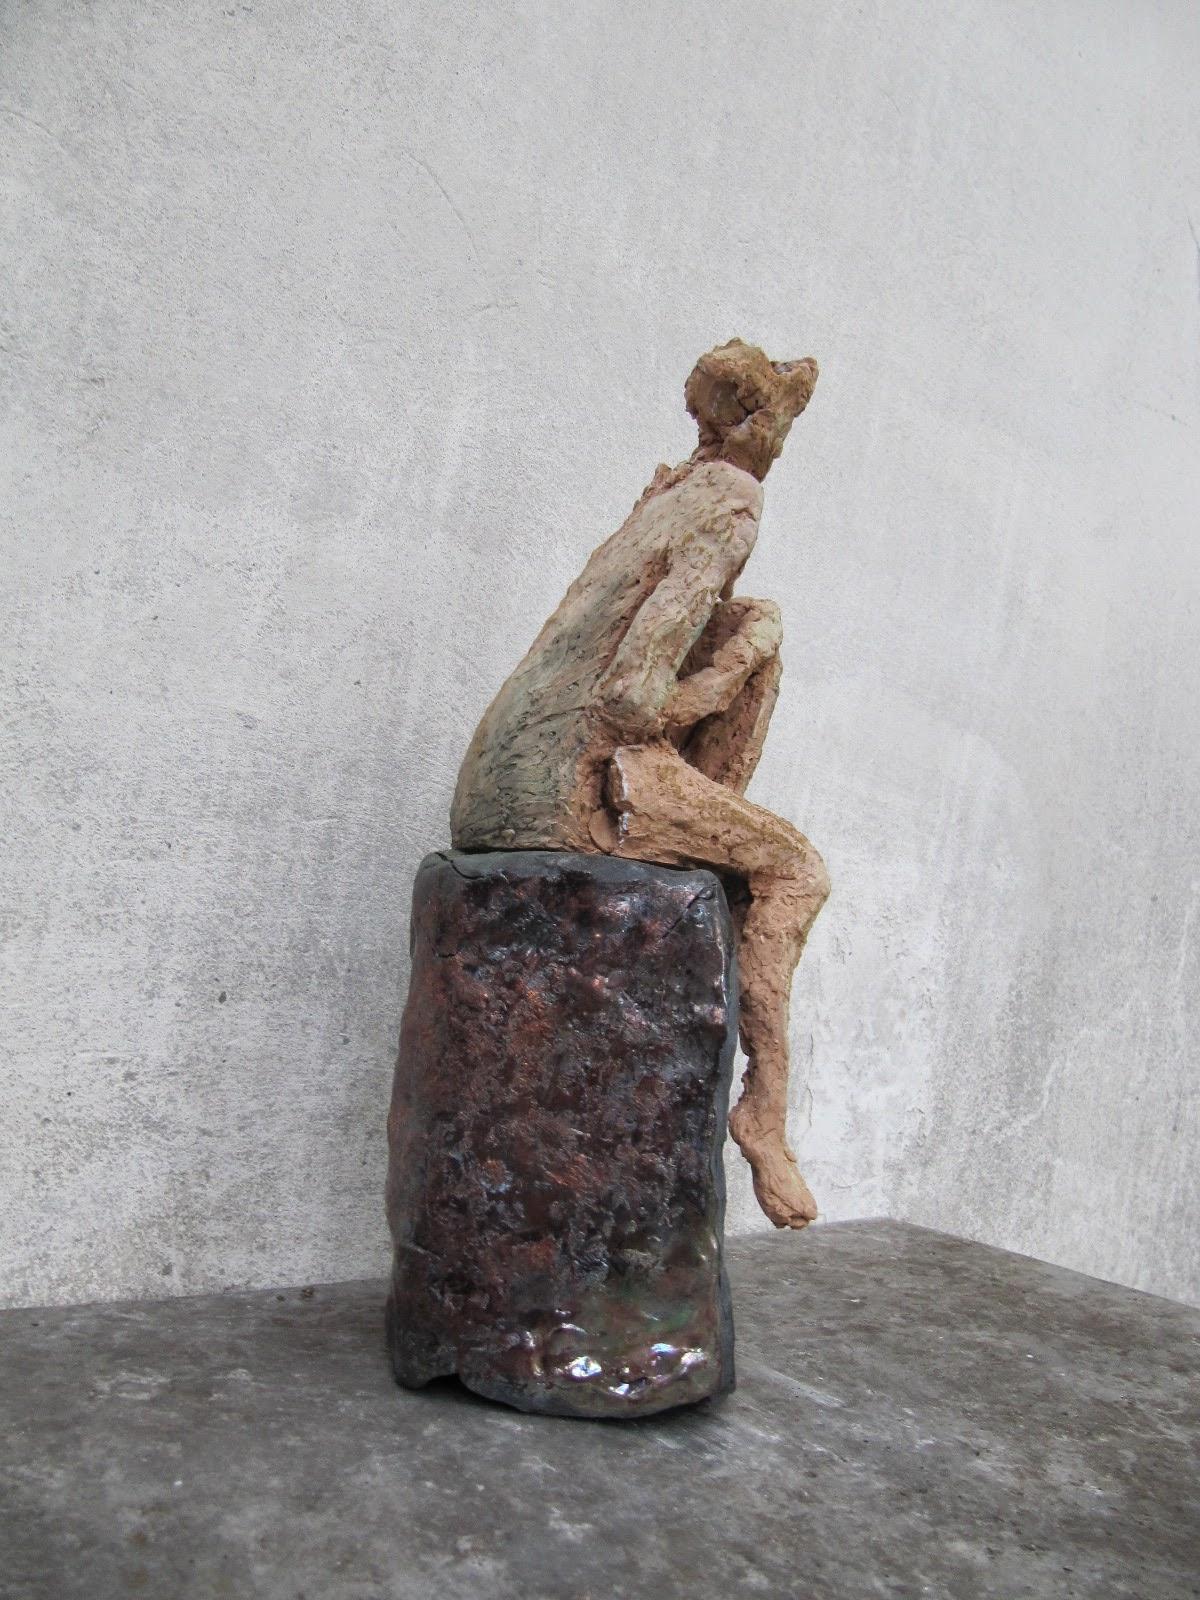 Rzeźba współczesna - siedząca postać bokiem